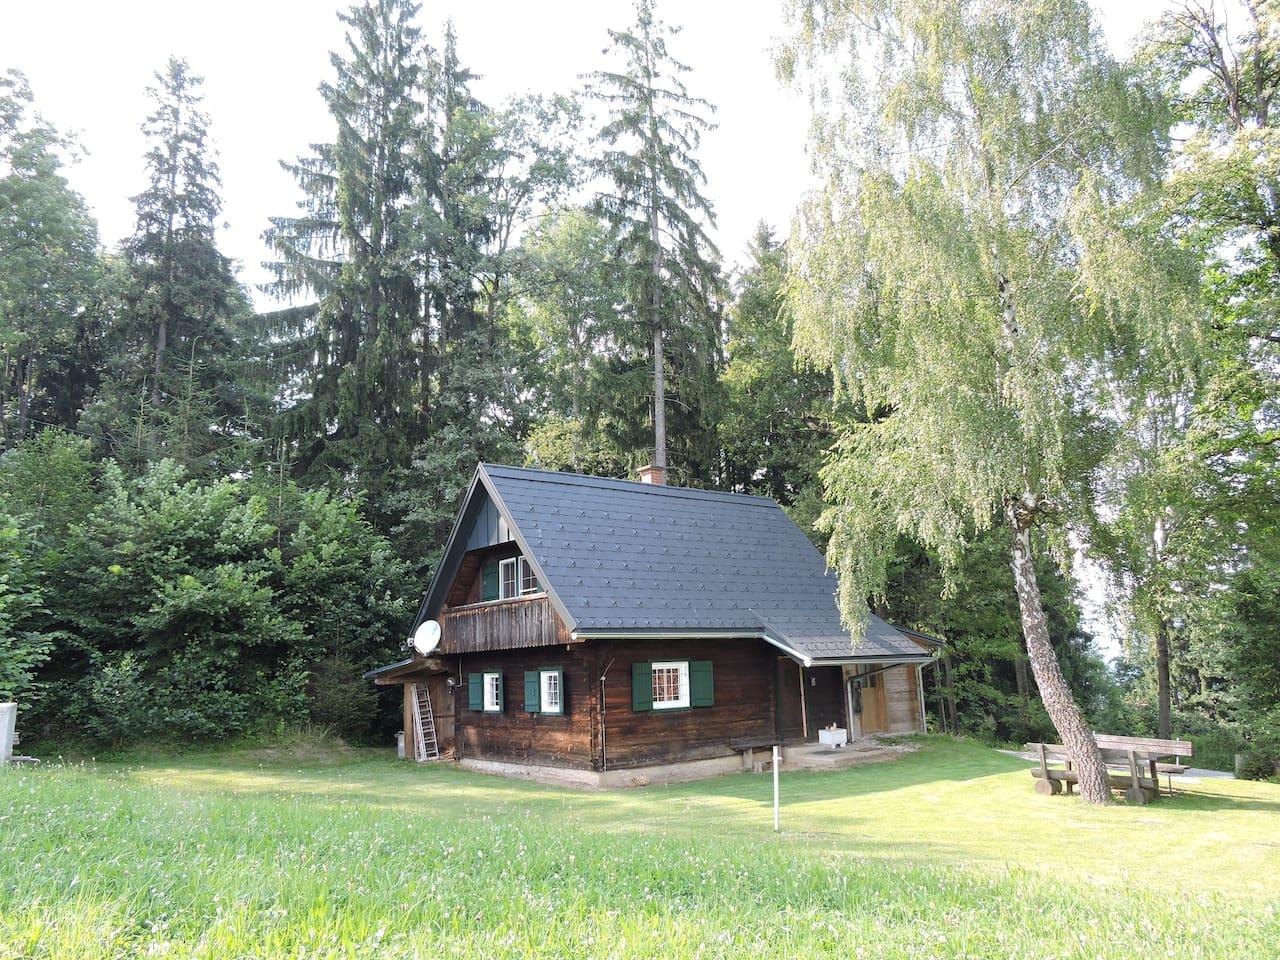 Die Hütte im Juli 2016.   The cottage in July 2016.